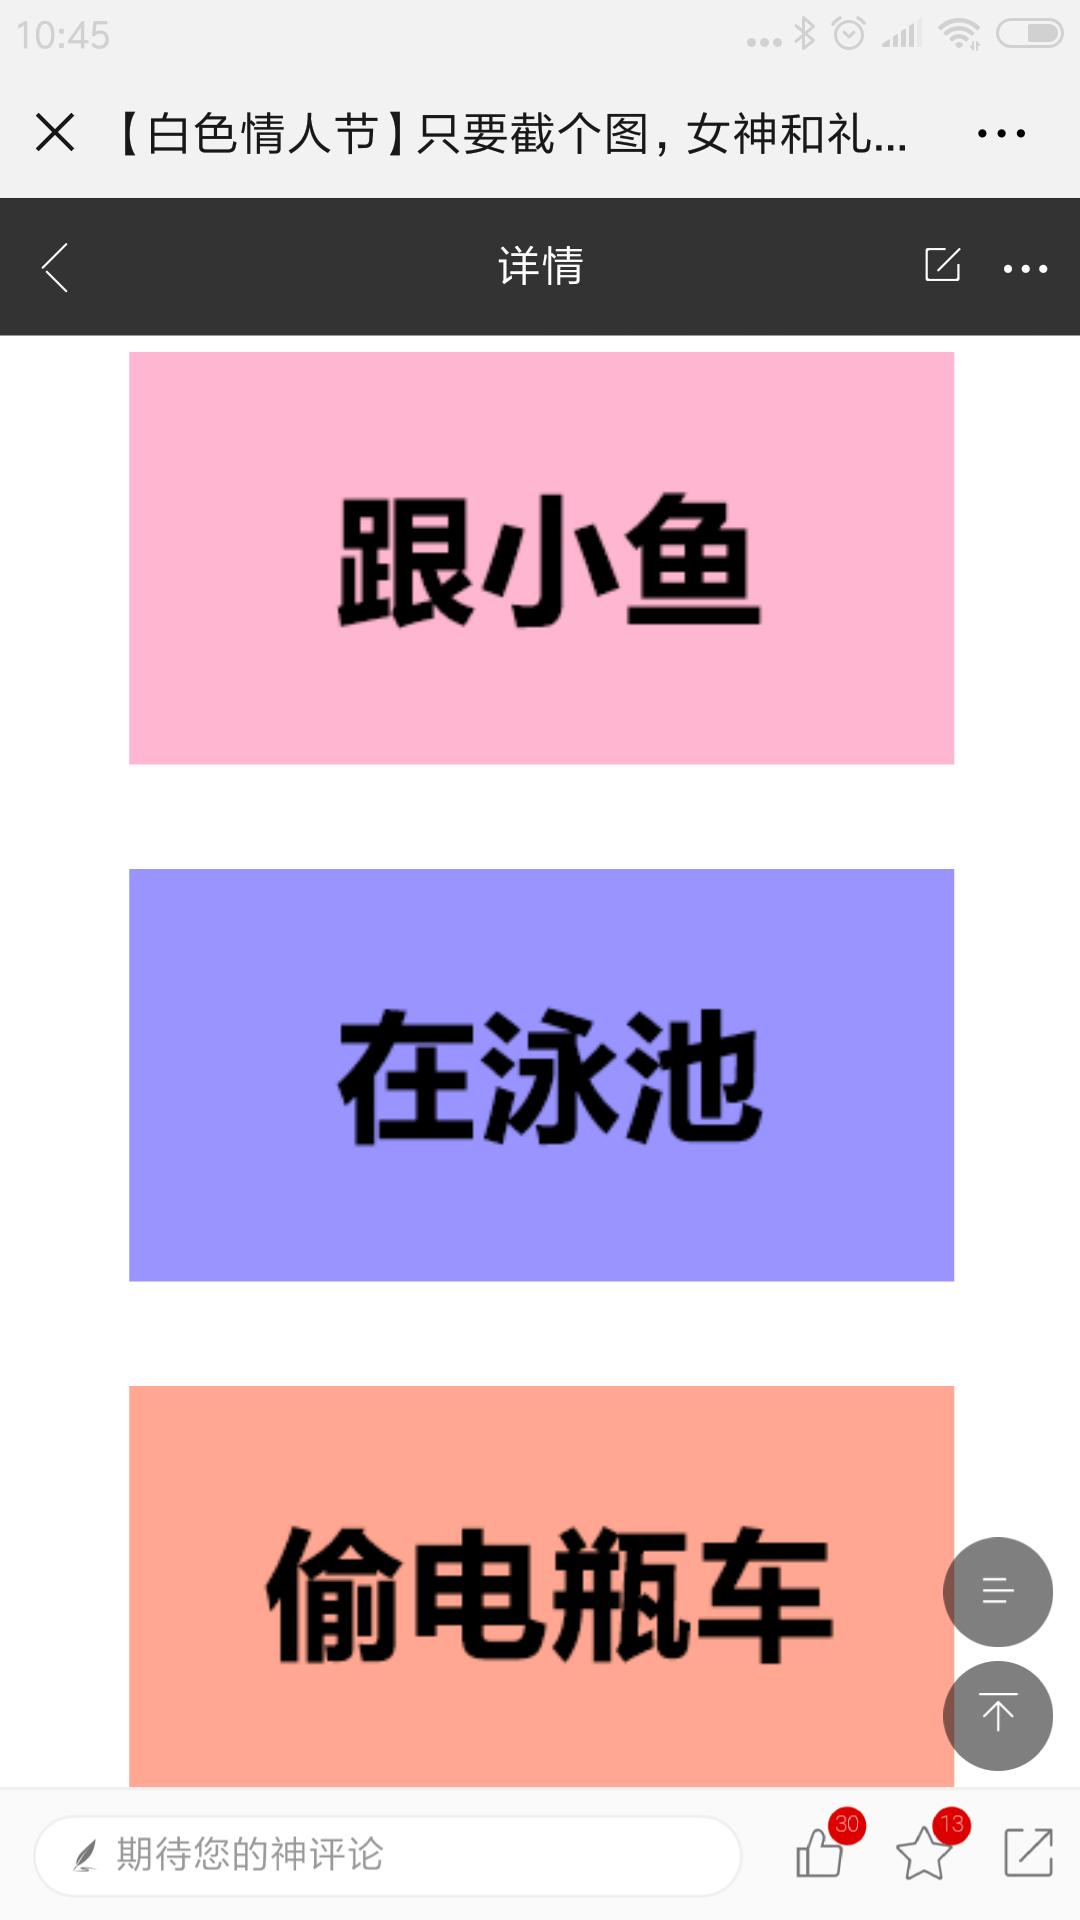 Screenshot_2019-03-14-10-45-37-520_com.tencent.mm.png